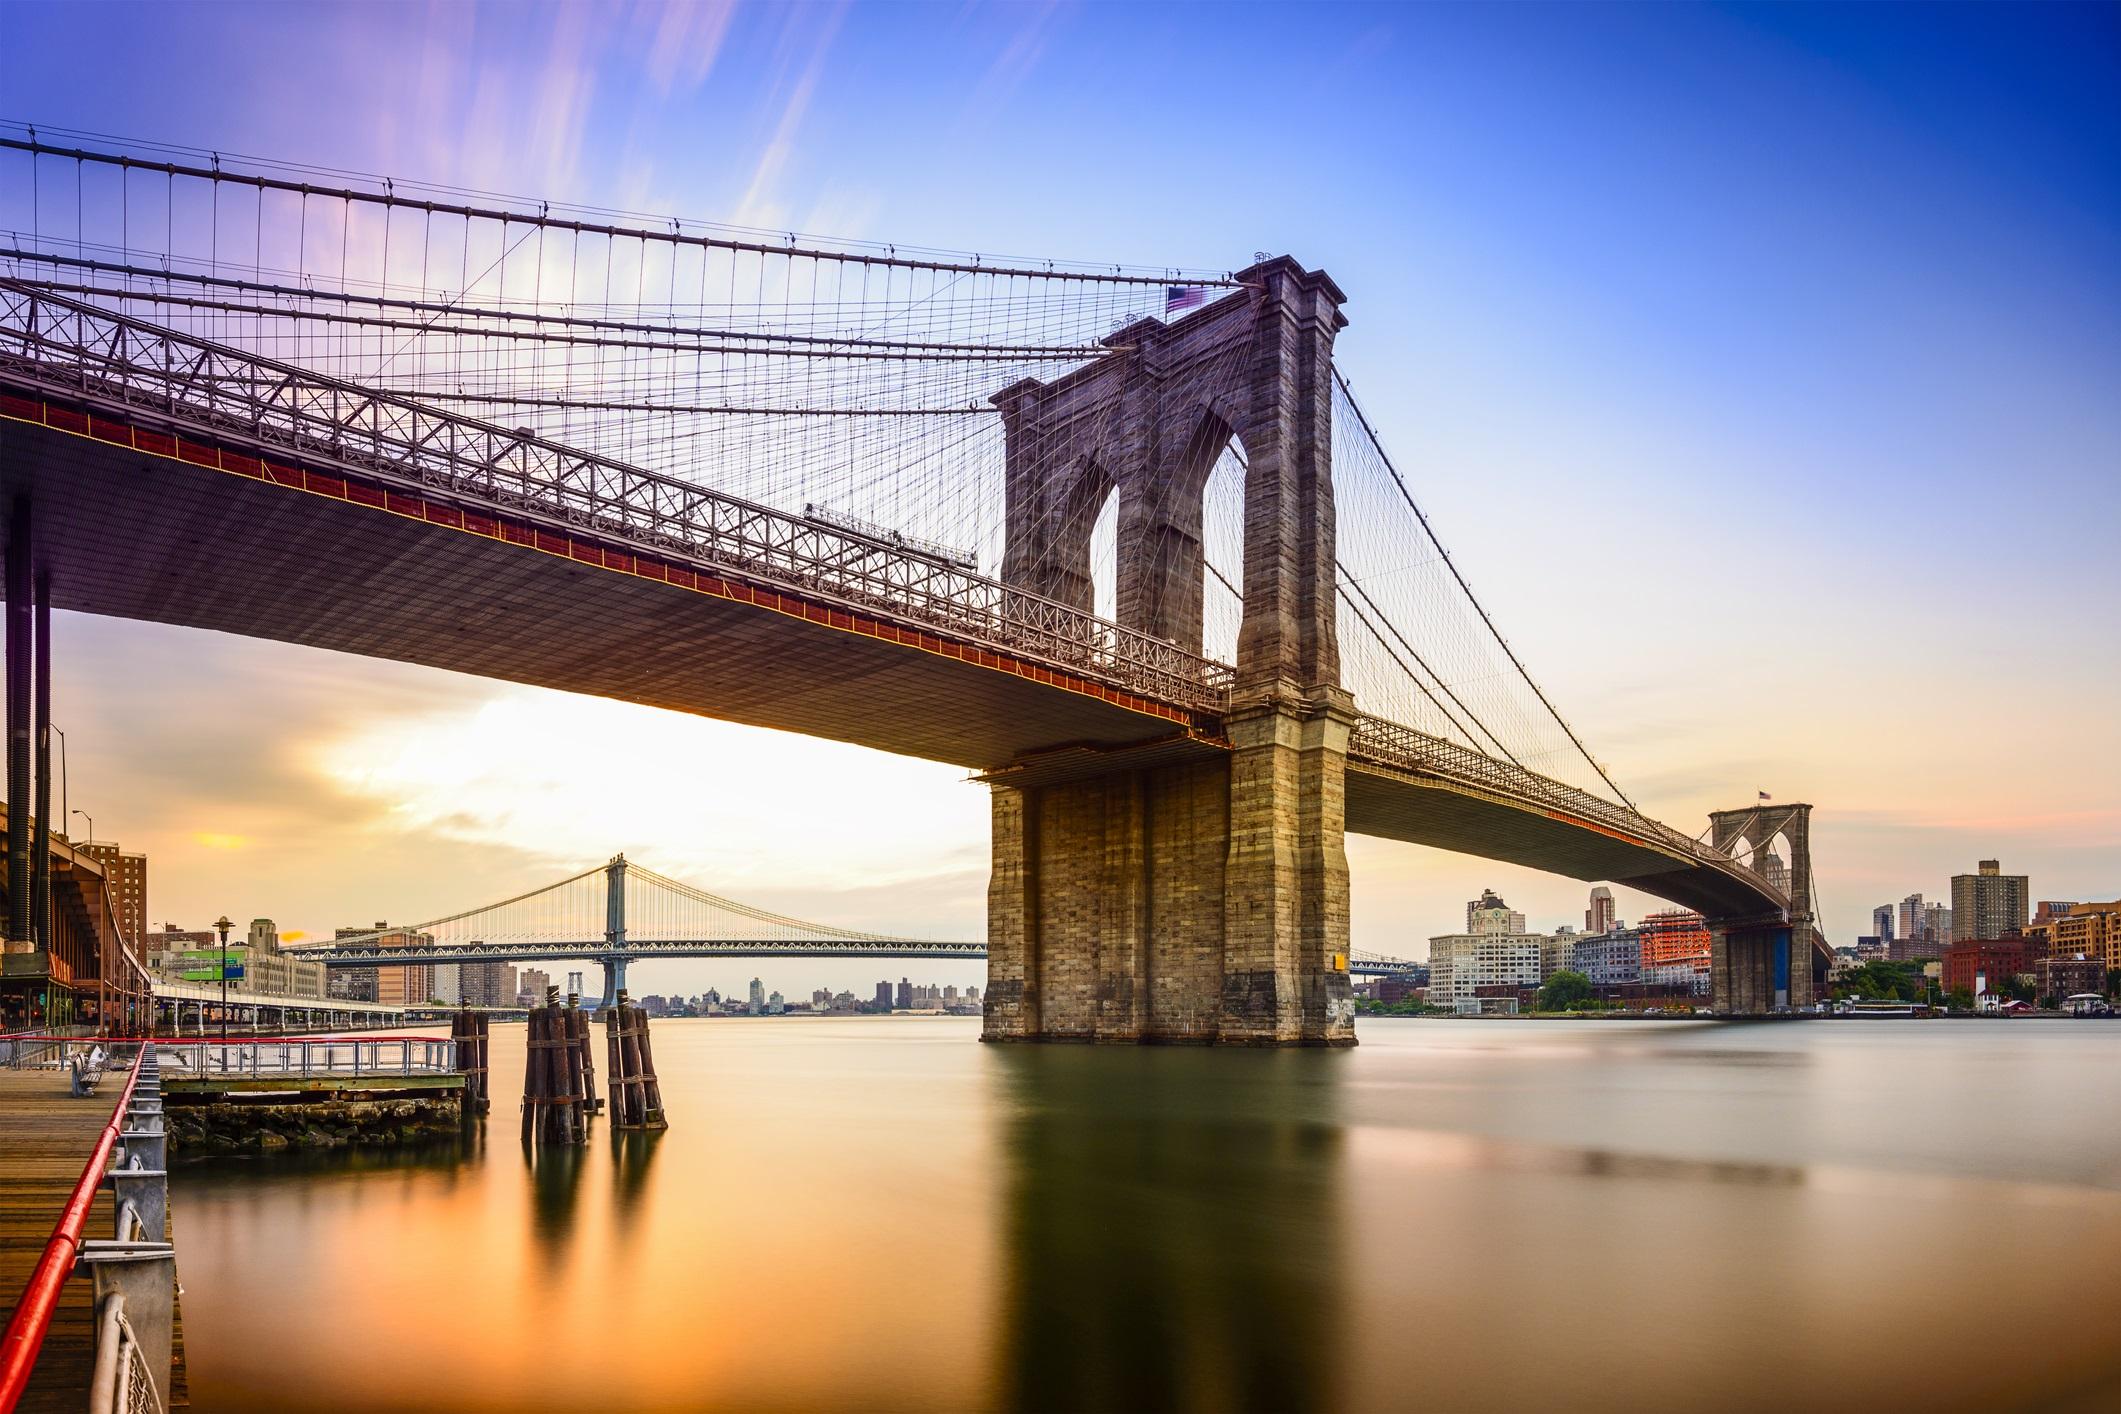 <p><strong>Бруклинският мост (Ню Йорк, САЩ)</strong></p>  <p>Завършен през 1883 г., Бруклинският мост е една от най-известните забележителности на Ню Йорк и също има богата история. Като се има предвид дължината му, жителите на Ню Йорк първоначално са били притеснени да стъпят на конструкцията и този страх е бил засилен, след като инцидент убива 12 души. За да помогне за потушаването на тези тревоги, цирковият артист П. Т. Барнъм дефилира с 21 от слоновете си по дължината на моста, за да докаже, че е безопасно.</p>